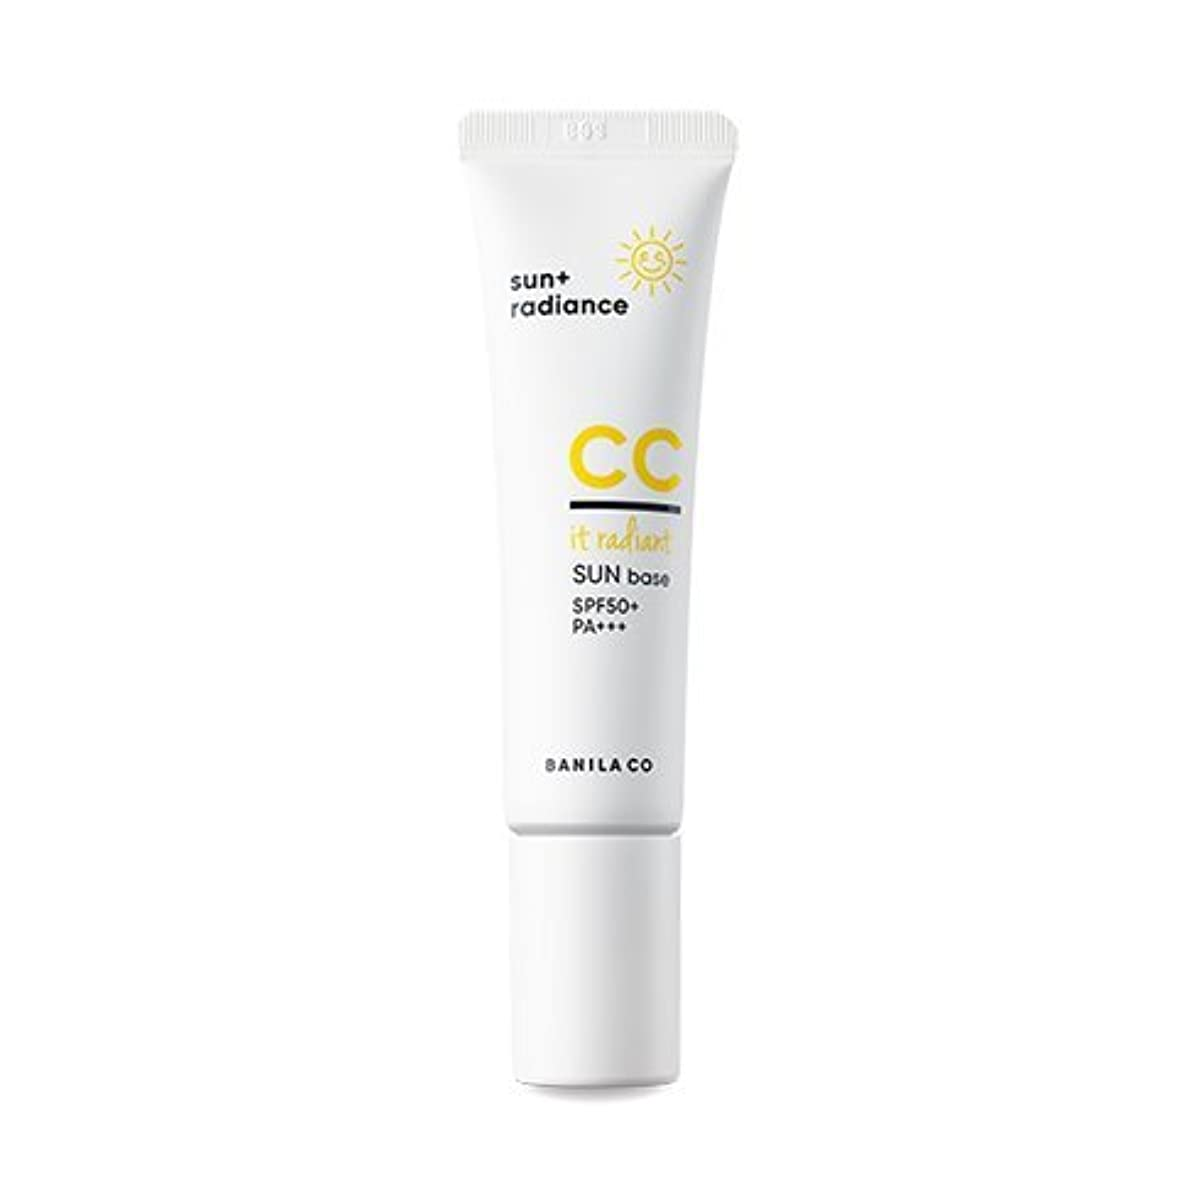 [Renewal] BANILA CO It Radiant CC Sun Base 30ml/バニラコ イット ラディアント CC サン ベース 30ml [並行輸入品]